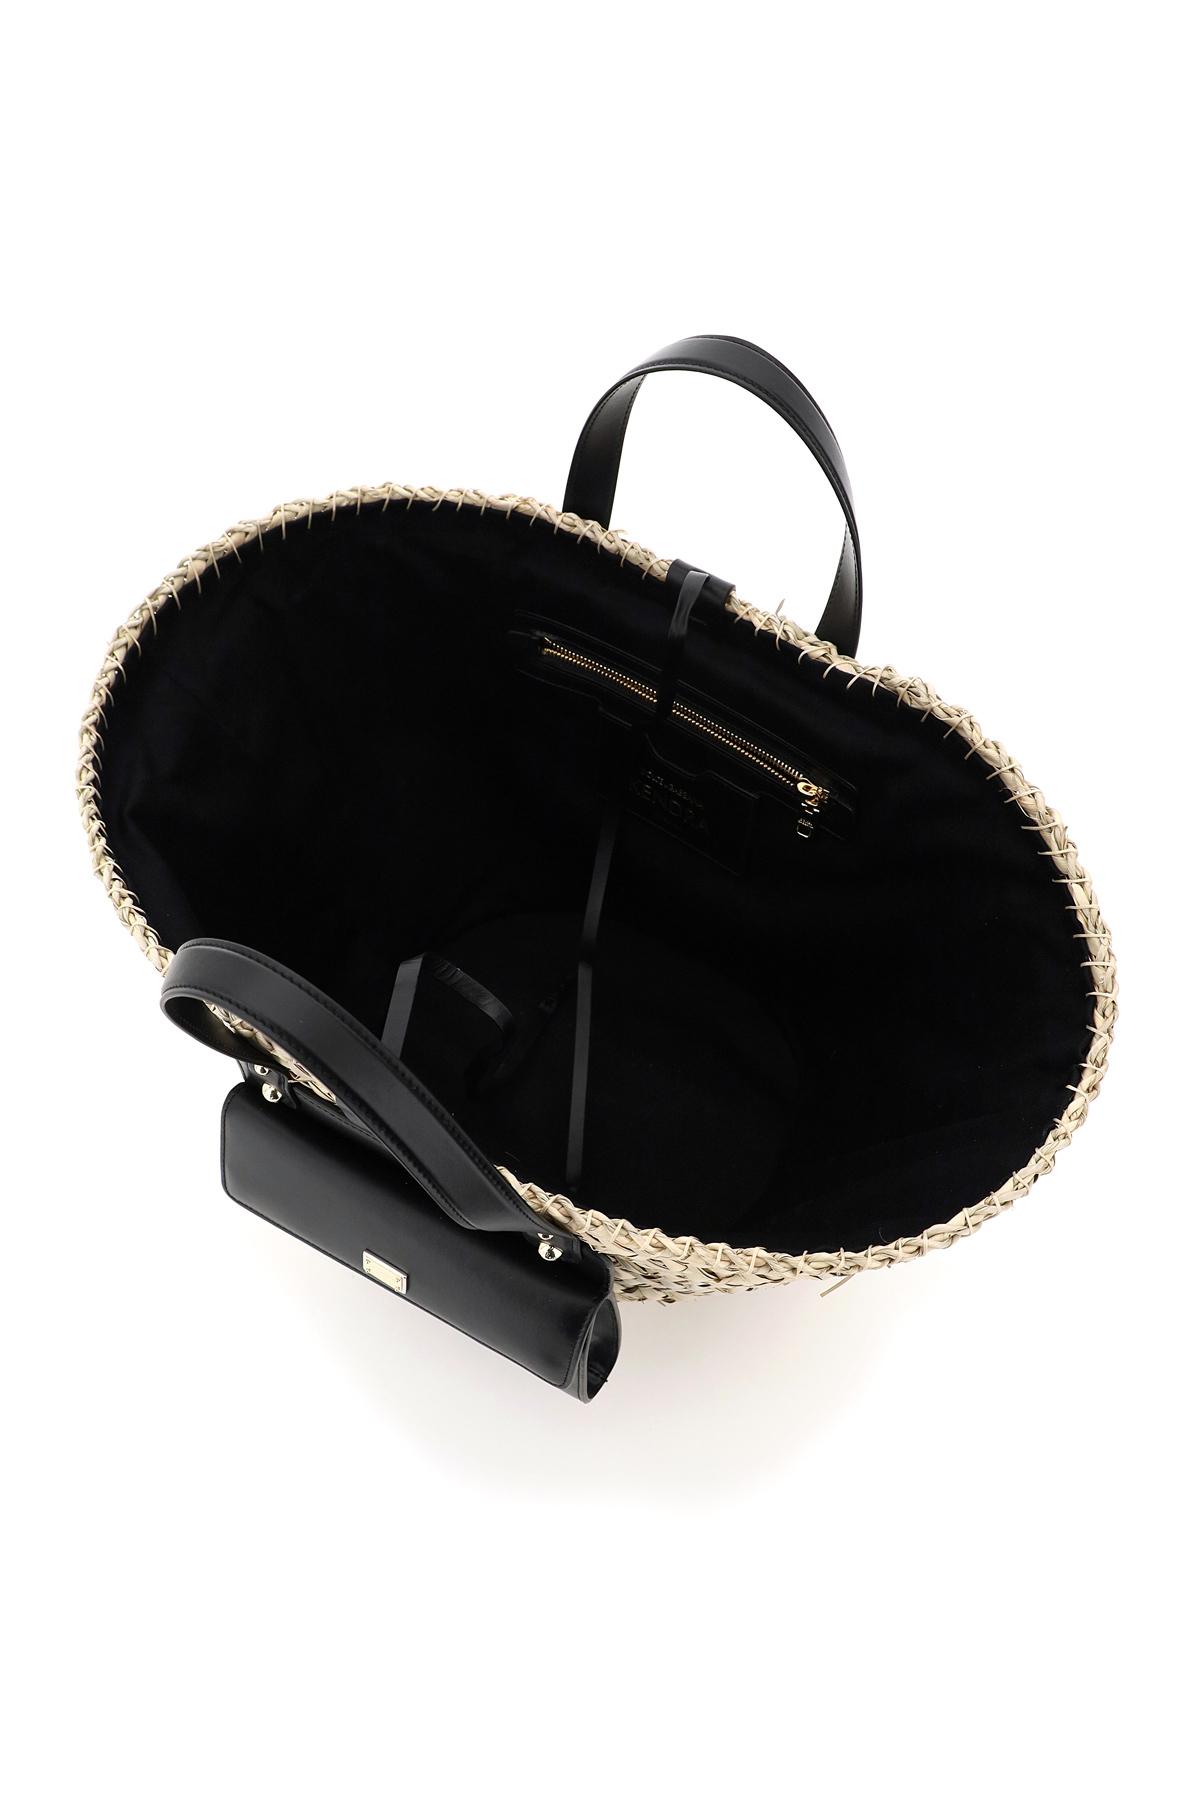 Dolce & gabbana coffa bag kendra